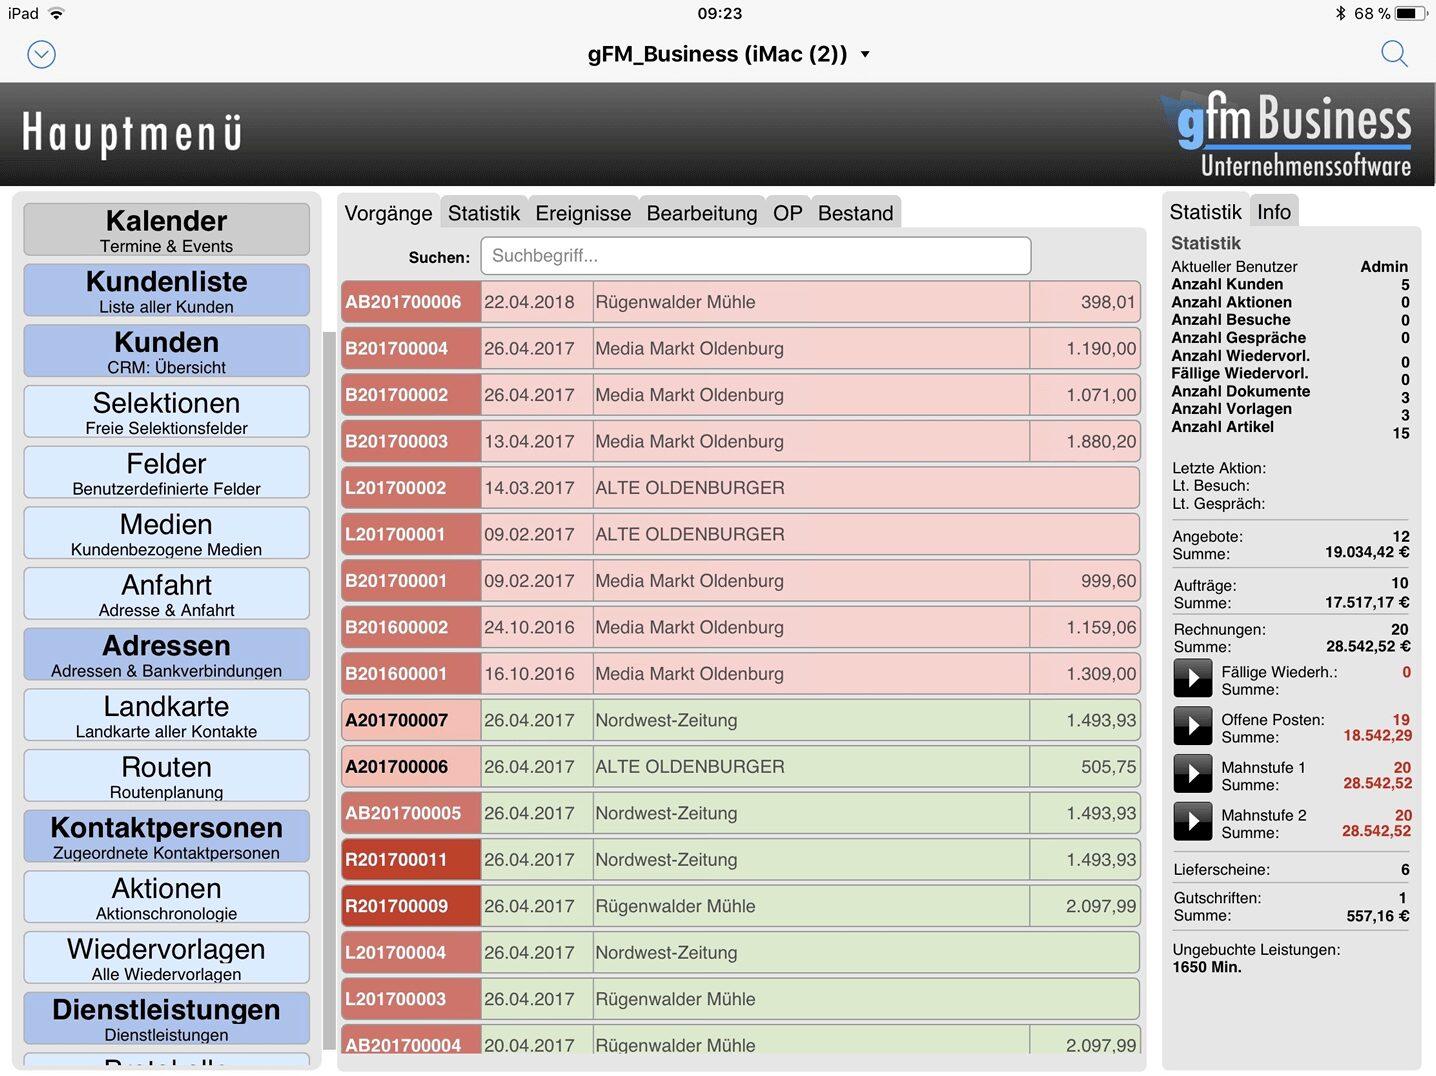 iPad: Hauptmenü